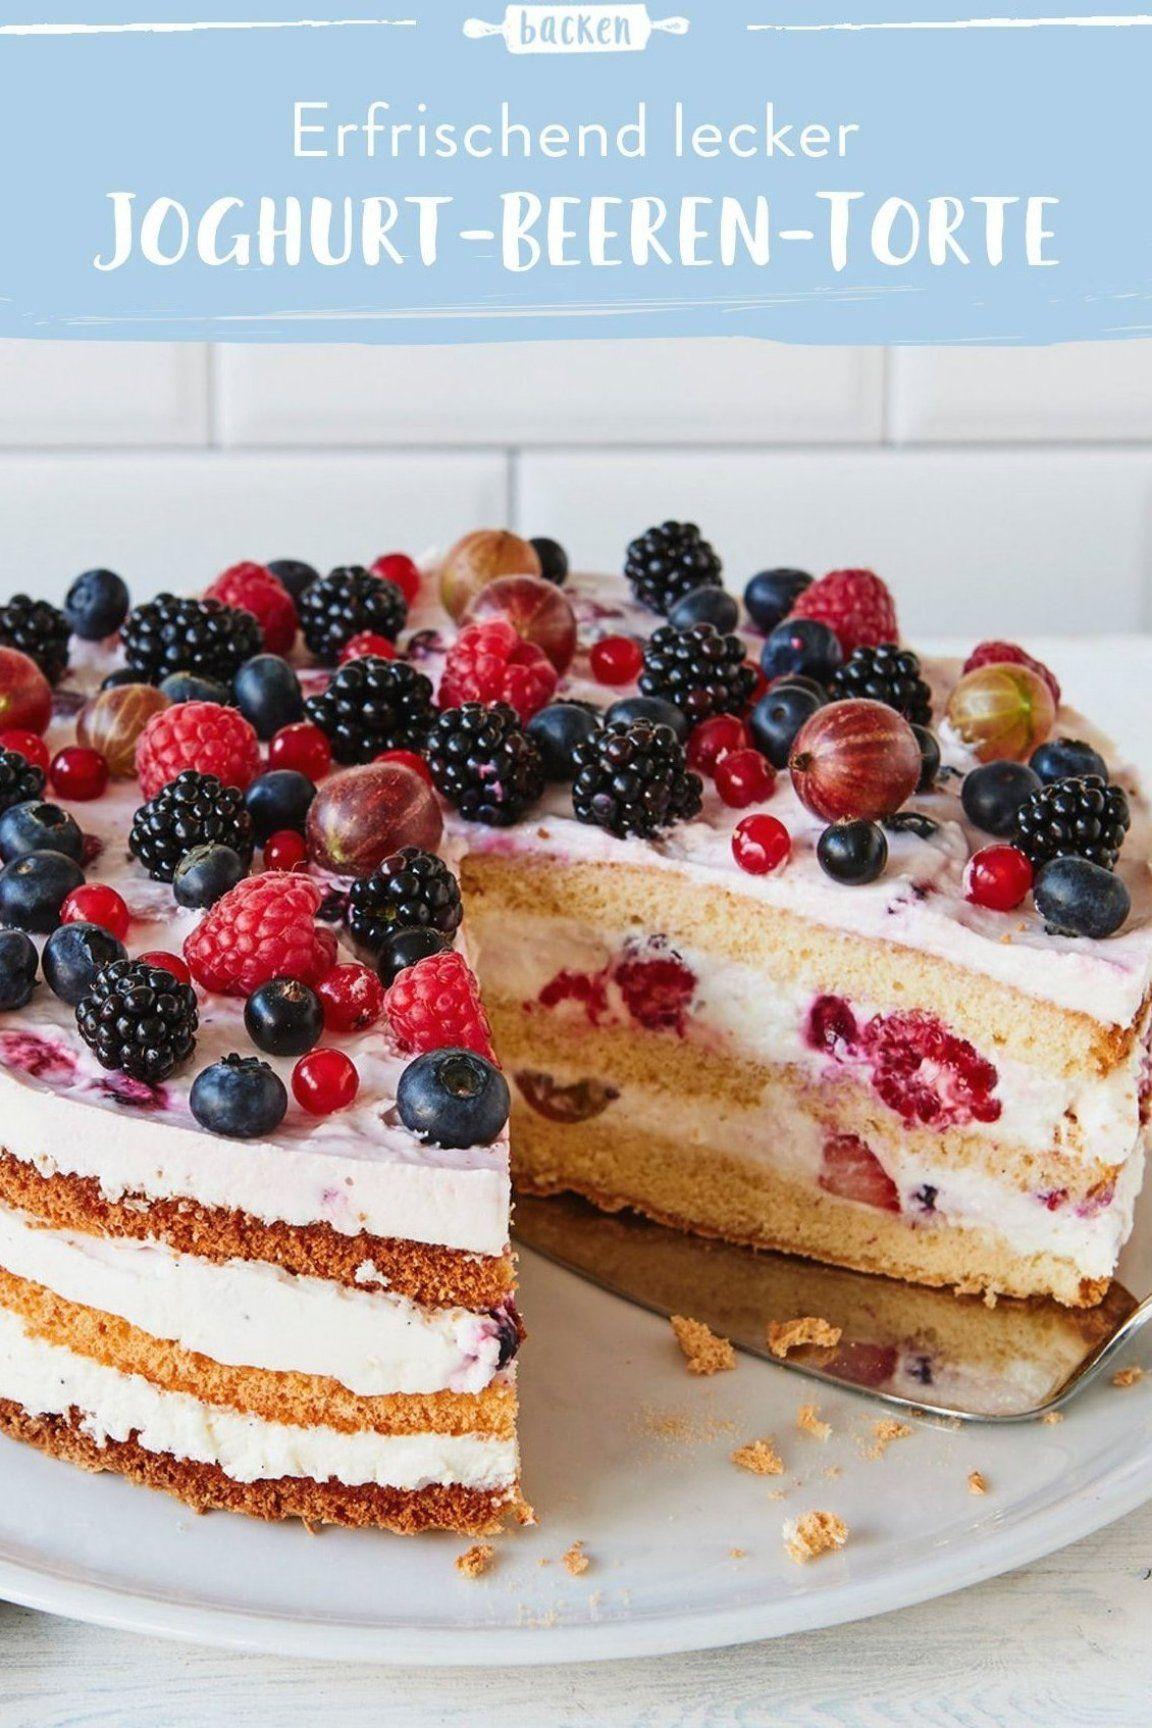 Eine Fruchtige Biskuit Torte Mit Joghurtmousse Und Einer Mischung Aus Vielen Verschiedenen Beeren Eignet Sich Super F R Kaffeeklatsch Mit F